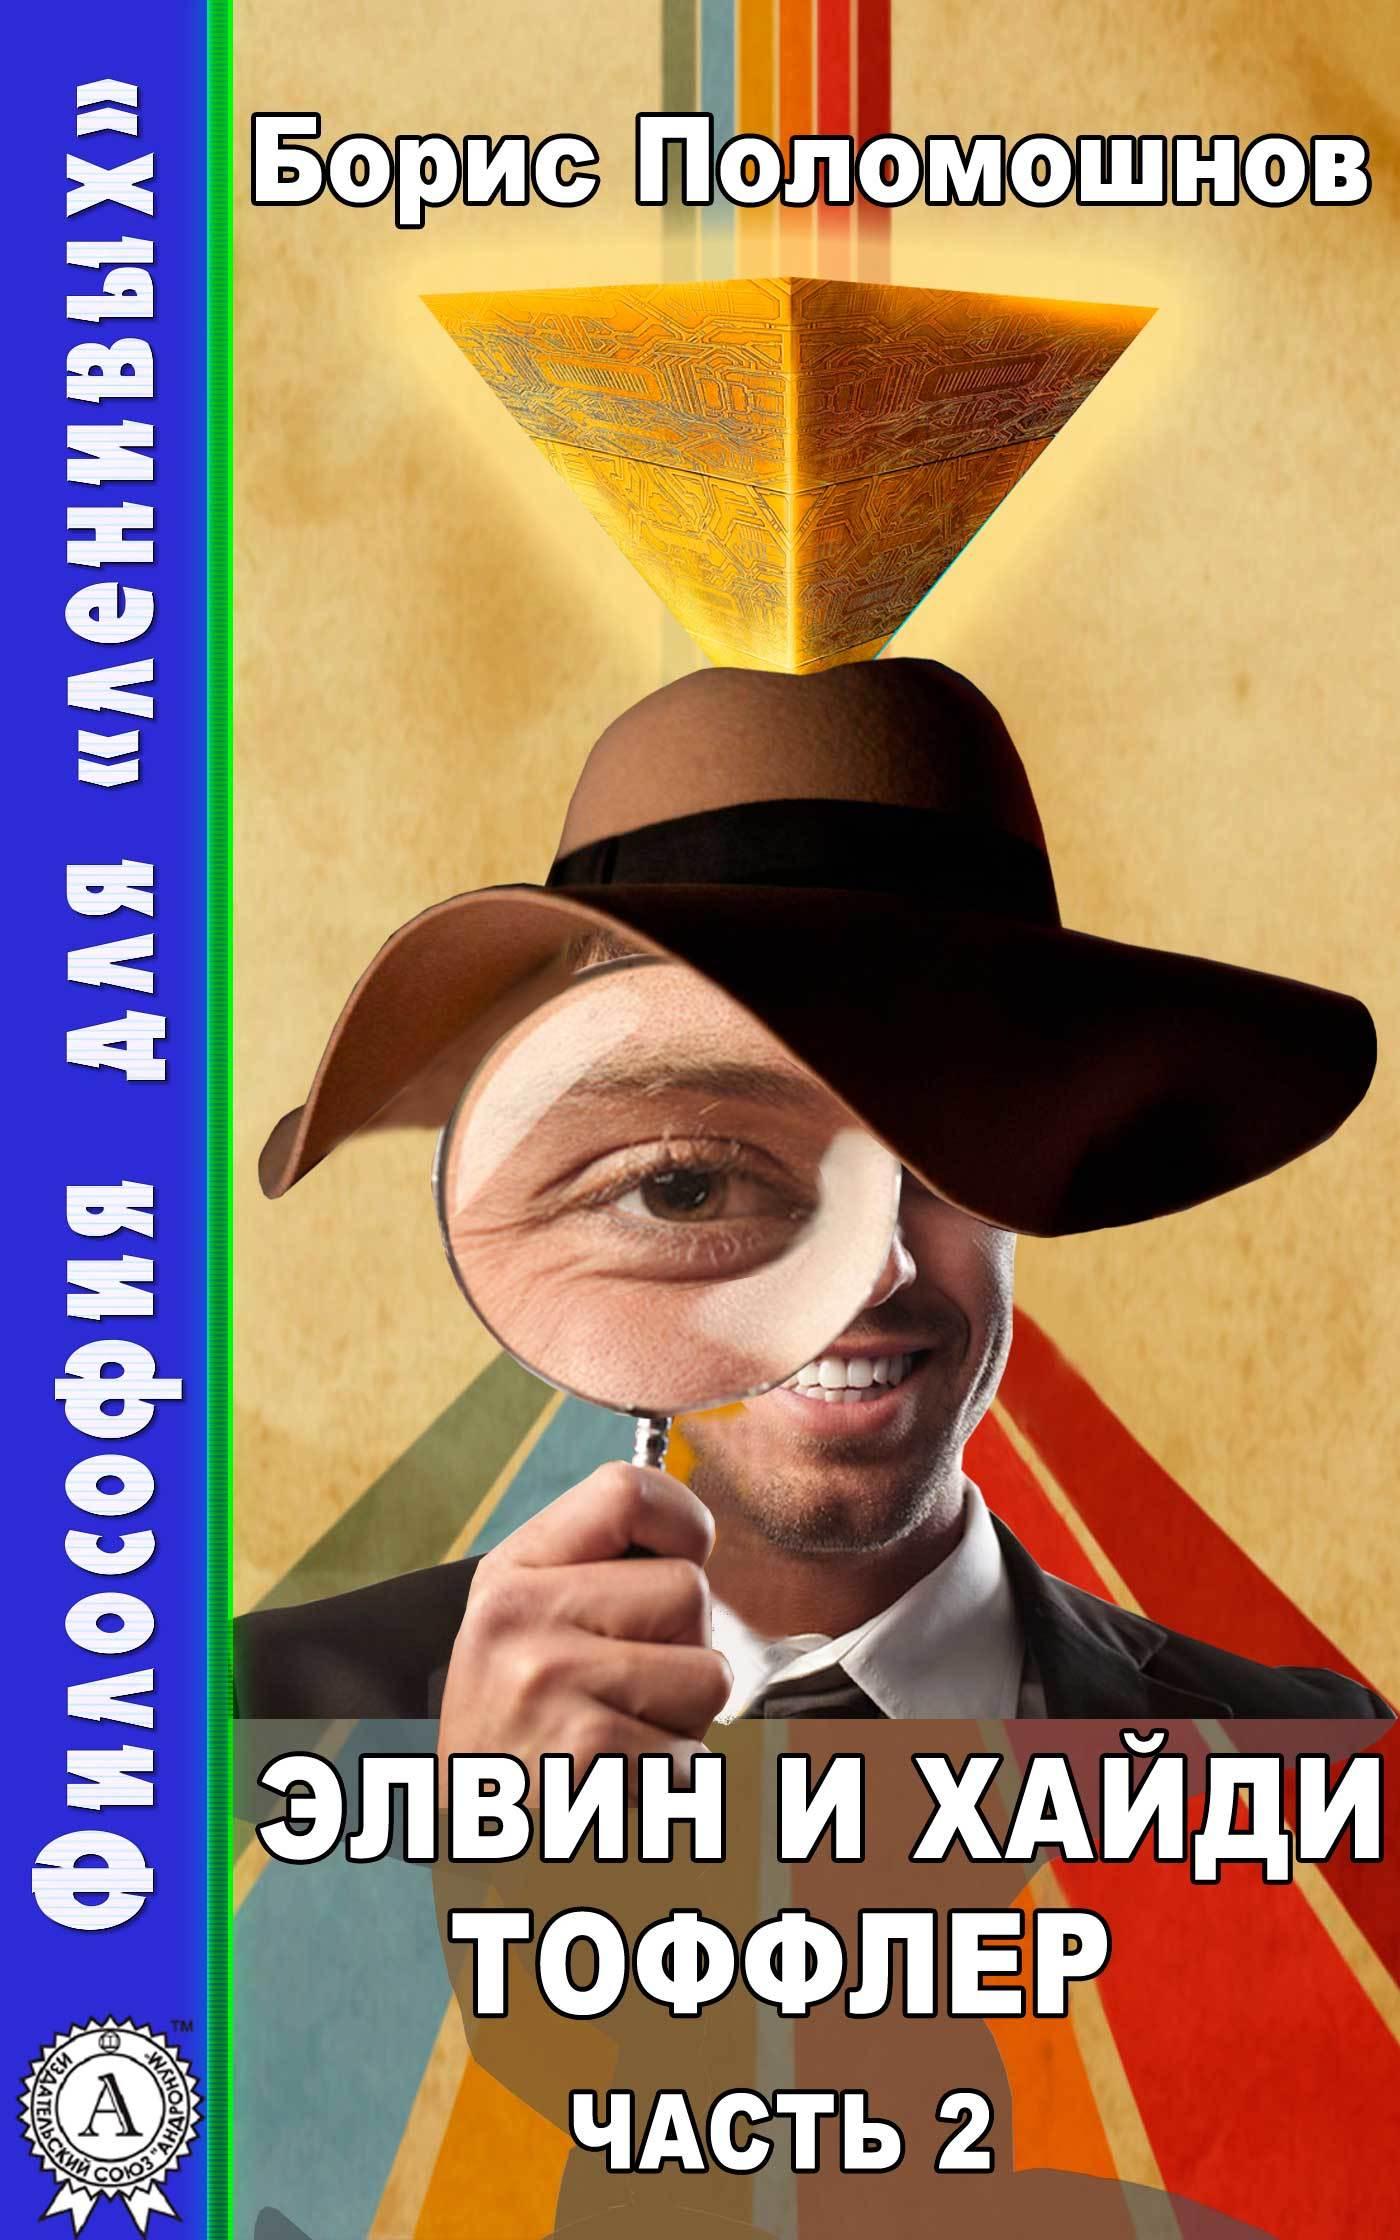 Борис Поломошнов - Элвин и Хайди Тоффлер. Часть 2